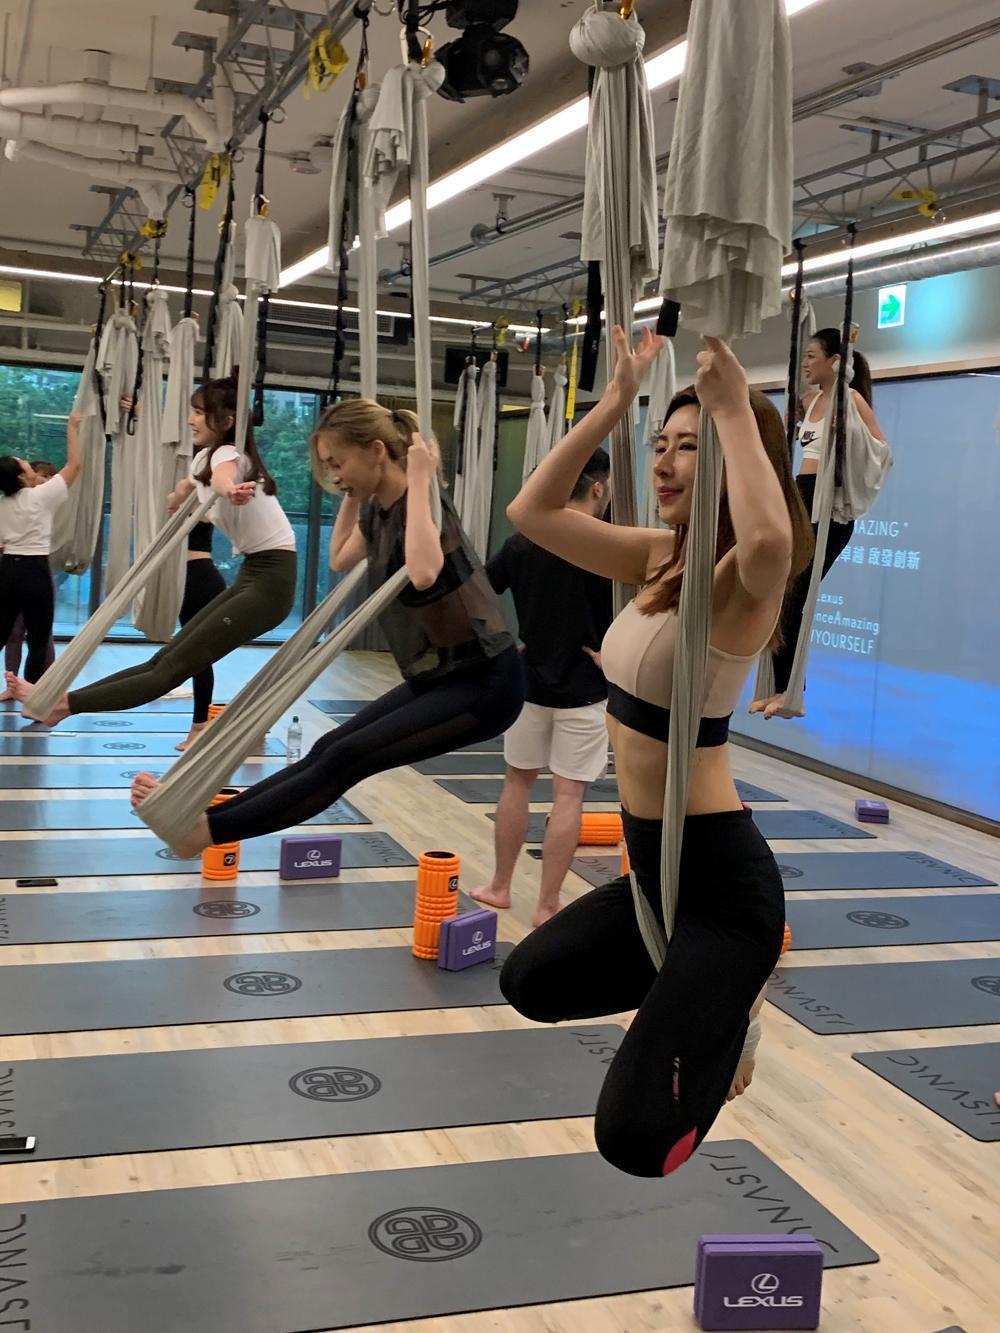 空中瑜珈運用懸垂的絹布和BARRE器材,藉助地心引力與布的螺旋力,以專注而有控制的肢體動作,並搭配正確的呼吸,進而提升身體的協調感,幫助身體深層的舒展與釋放緊繃壓力,達到心靈上的歇息。